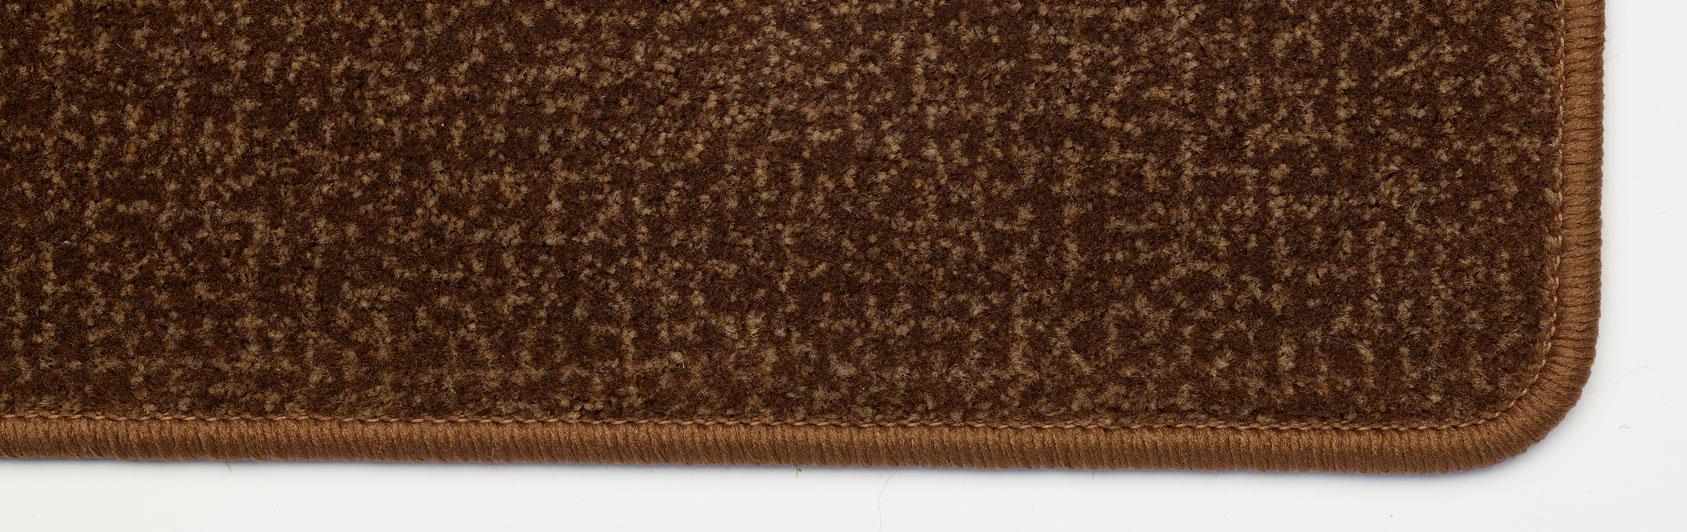 dirt trapper carpet maximus color beige color code 81.05